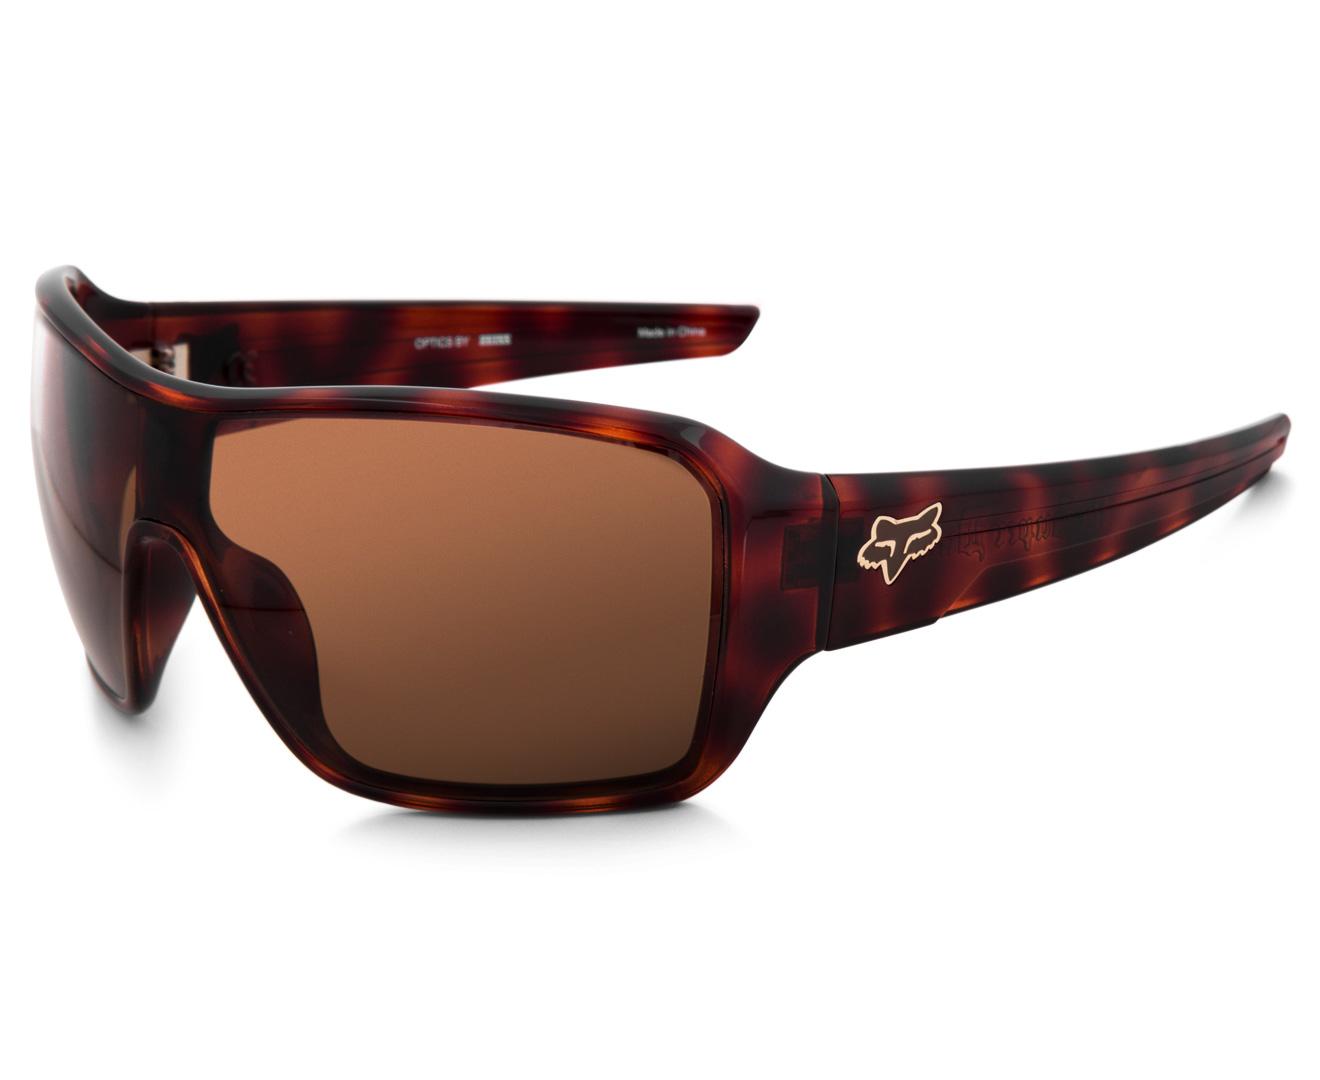 9d1fa799f72 Does Oakley Fox Sunglasses « Heritage Malta